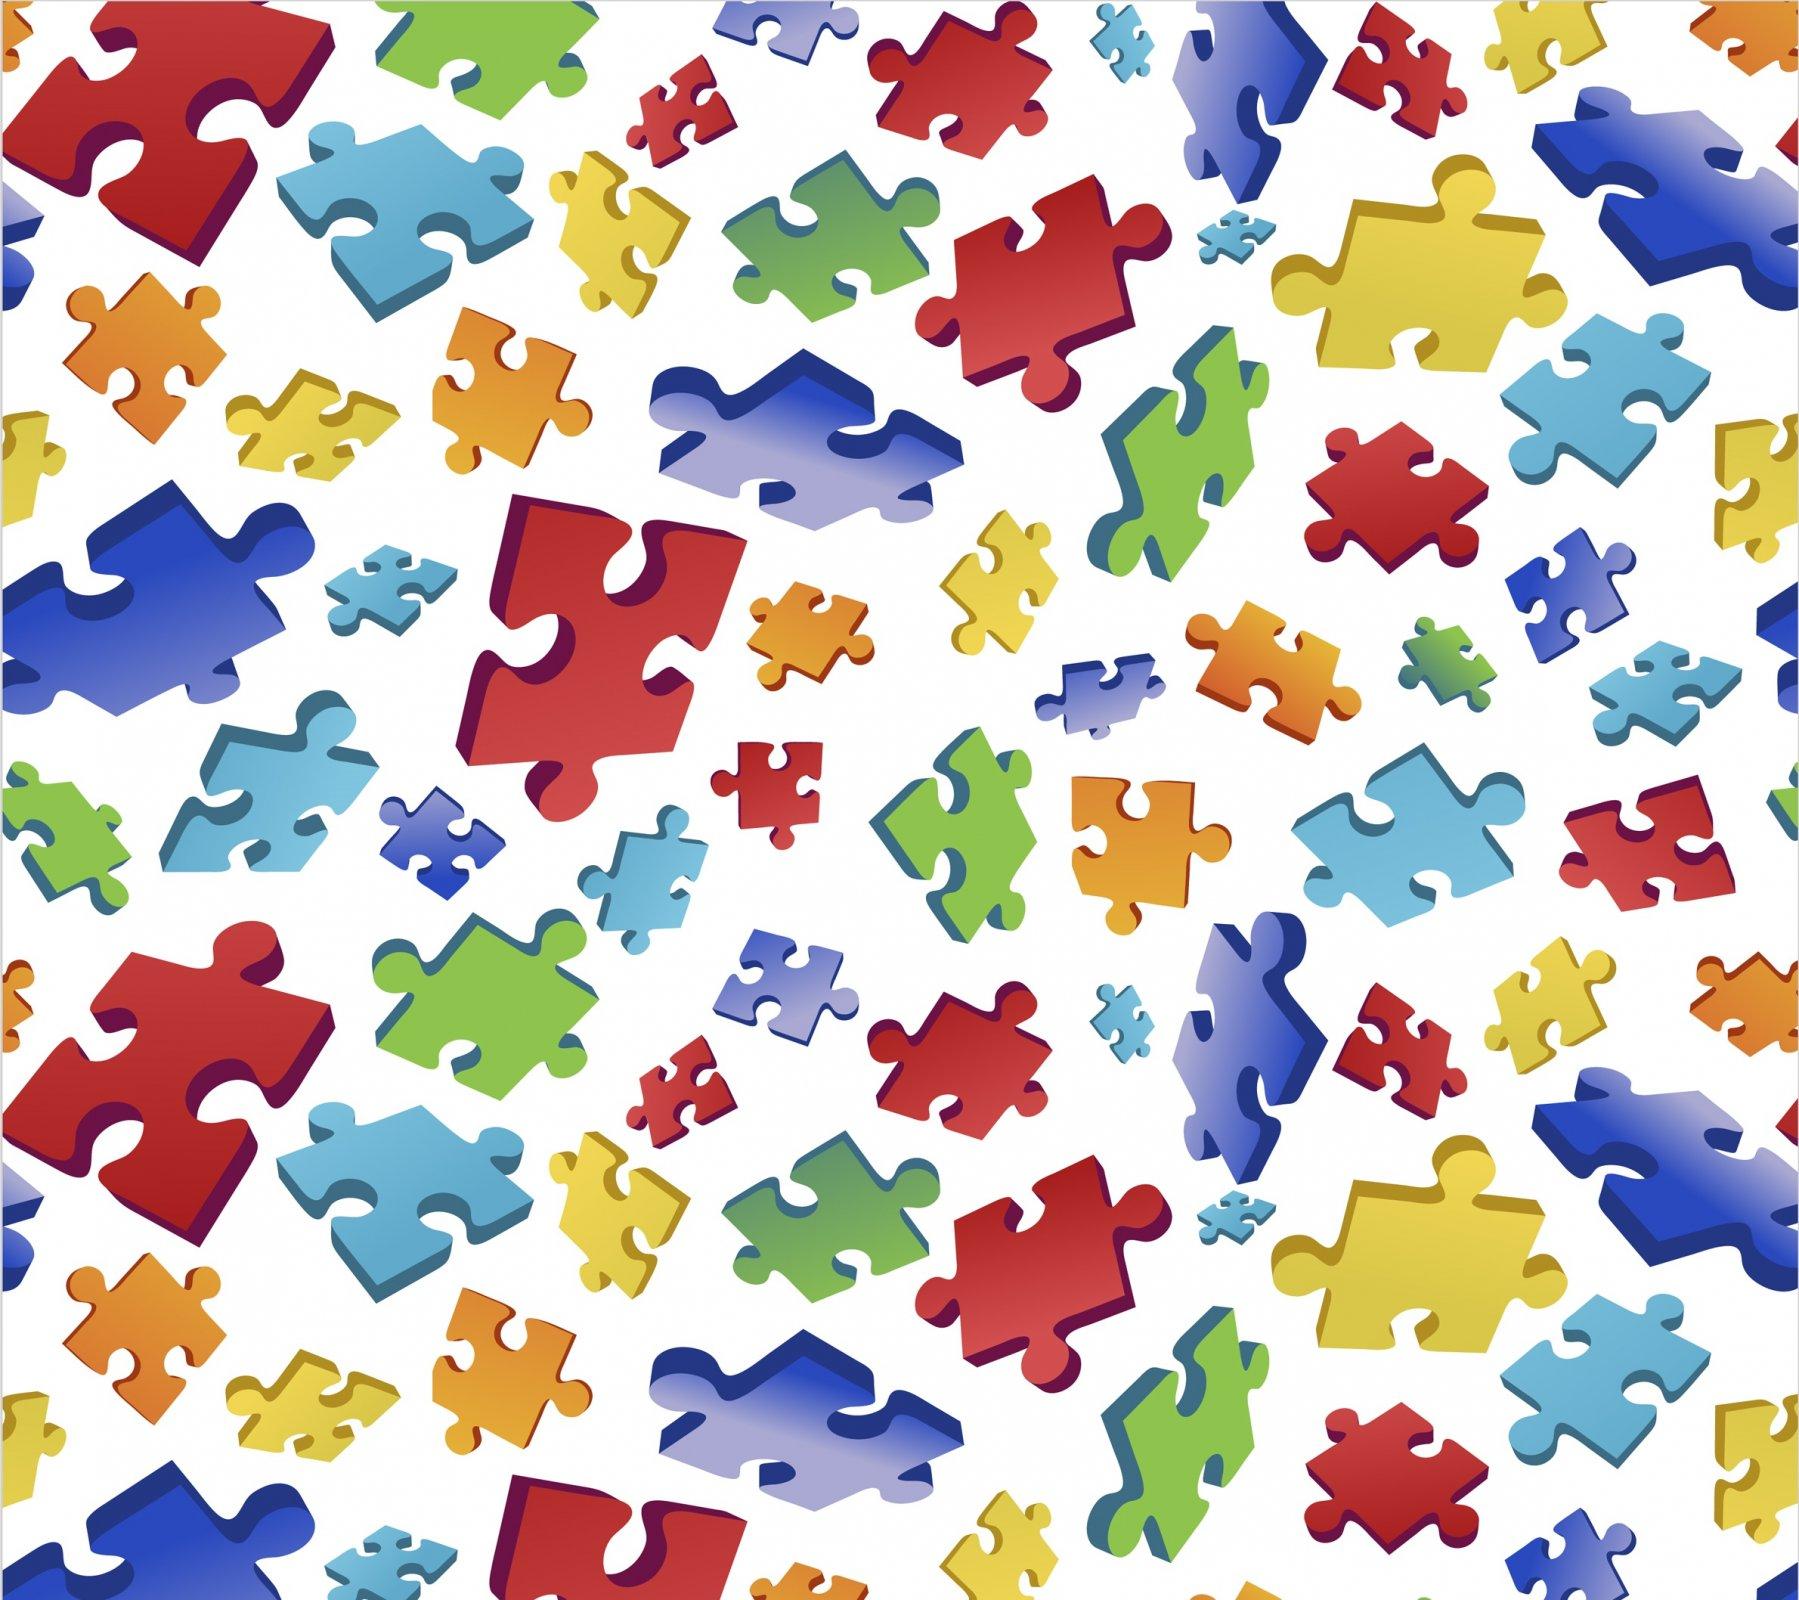 DT-Foust Exclusive Digital Prints DX-2551-0C-1 White/Multi - Puzzle Toss